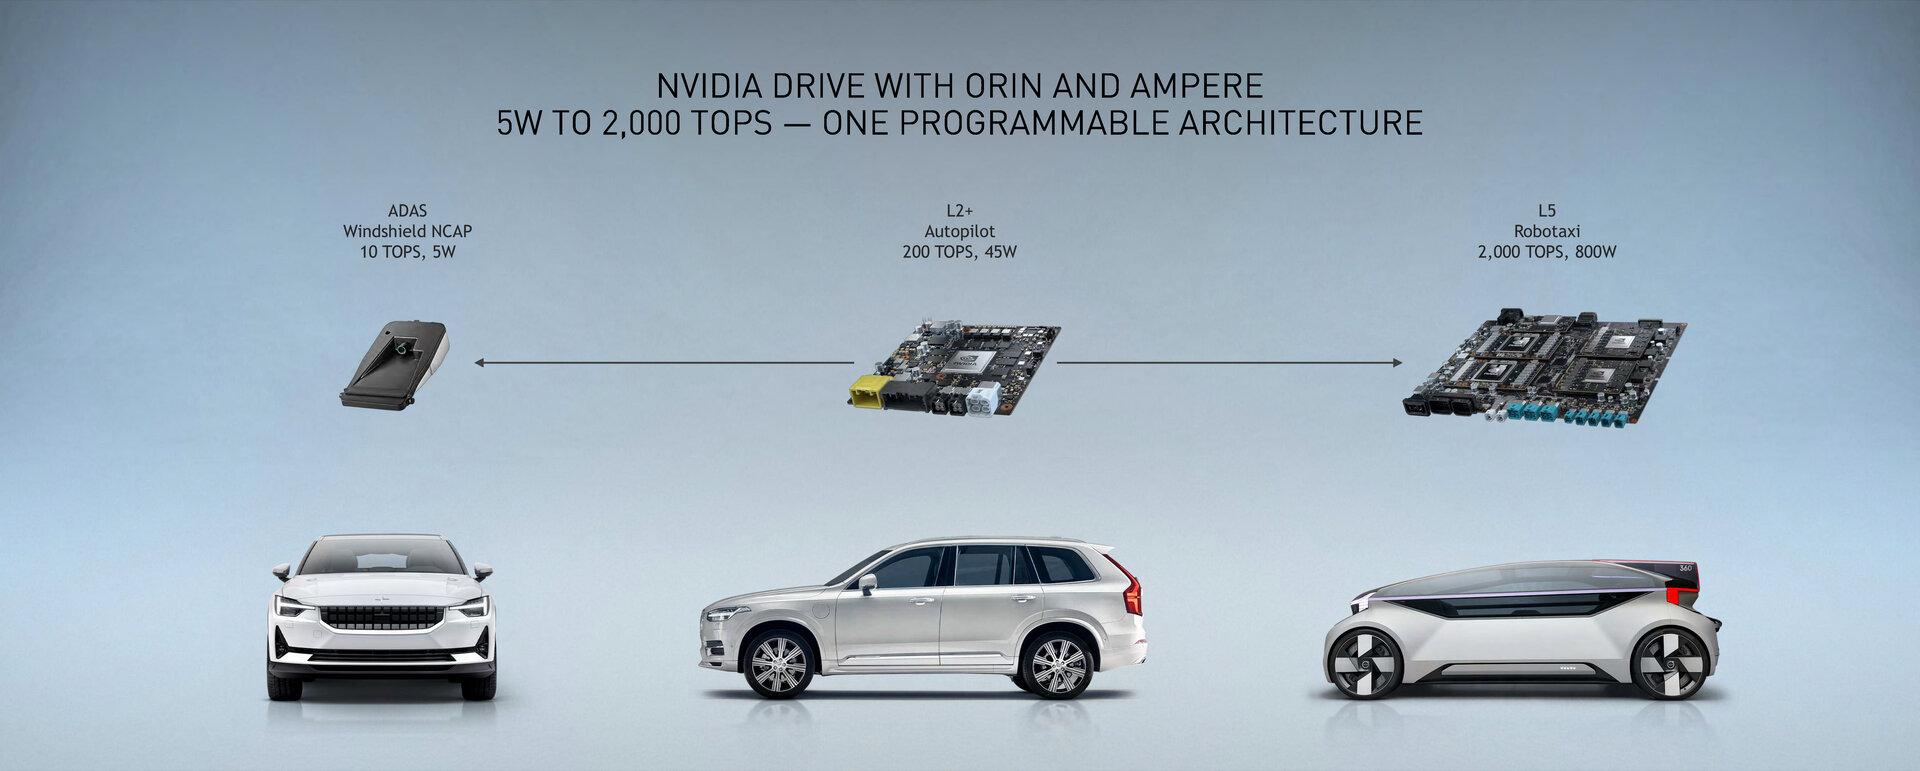 Nvidia Drive Orin nutzt ebenfalls die Ampere-Architektur